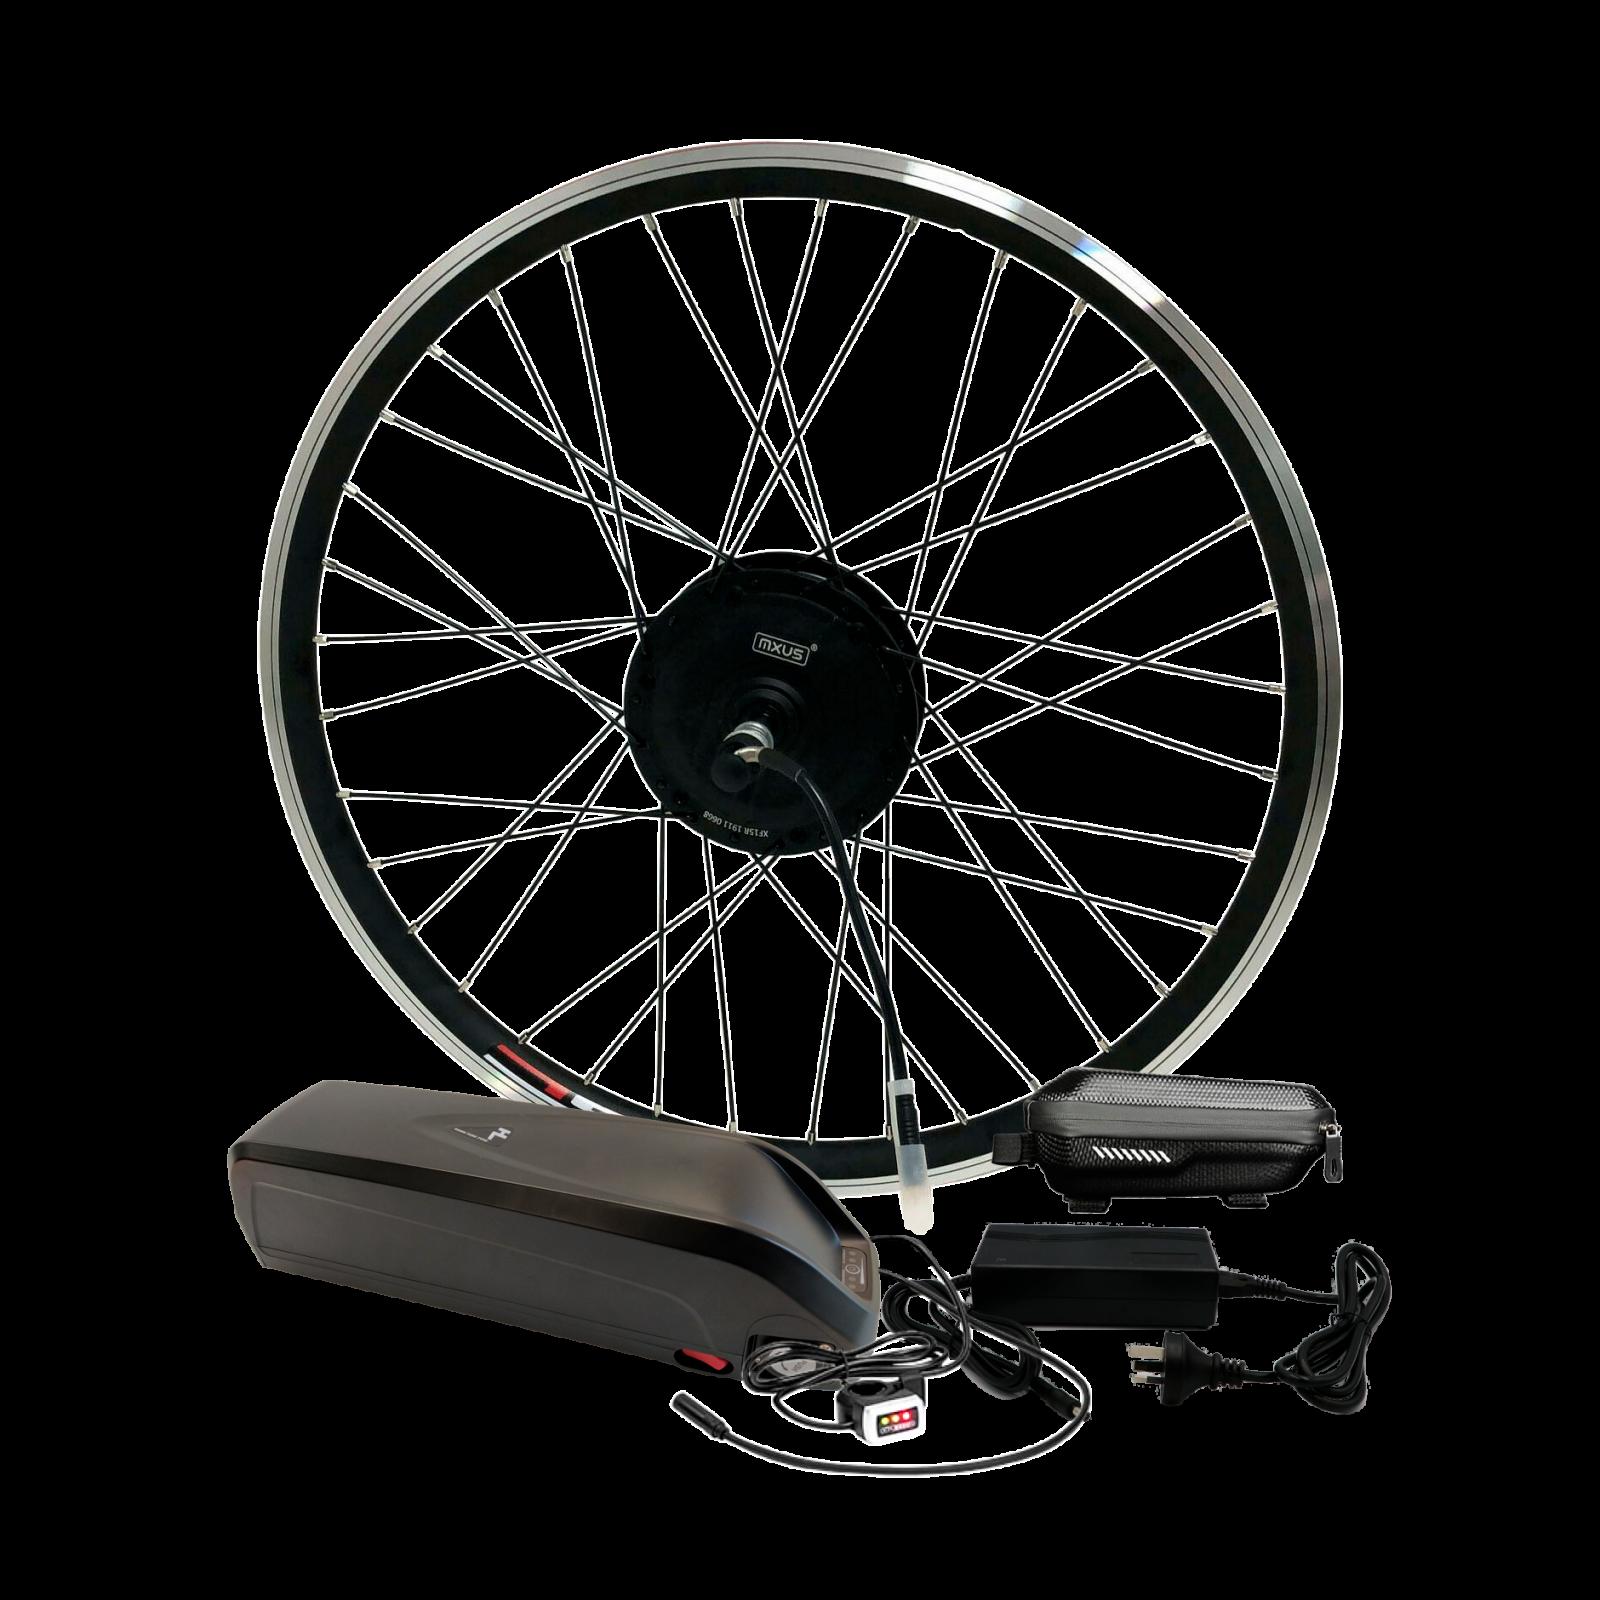 Электронабор для велосипеда 48В 500Вт MXUS редукторный с литий-ионным аккумулятором Panasonic 14,4Ah